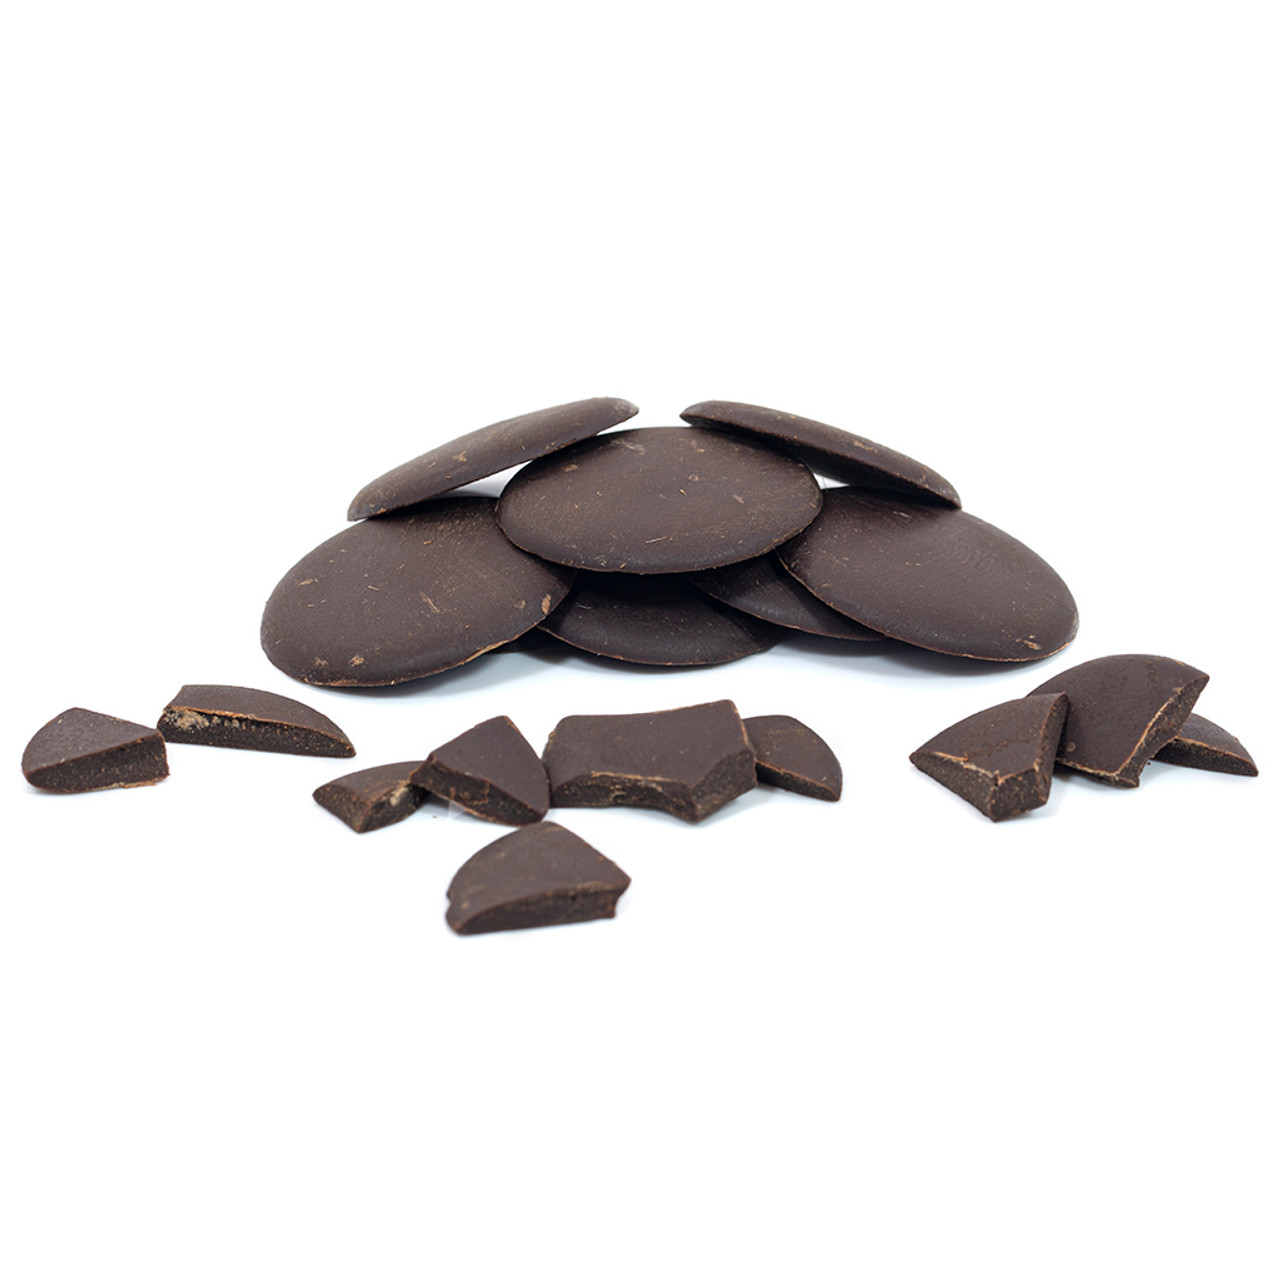 STEWART & ARNOLD DARK CHOCOLATE PISTOLES 70%